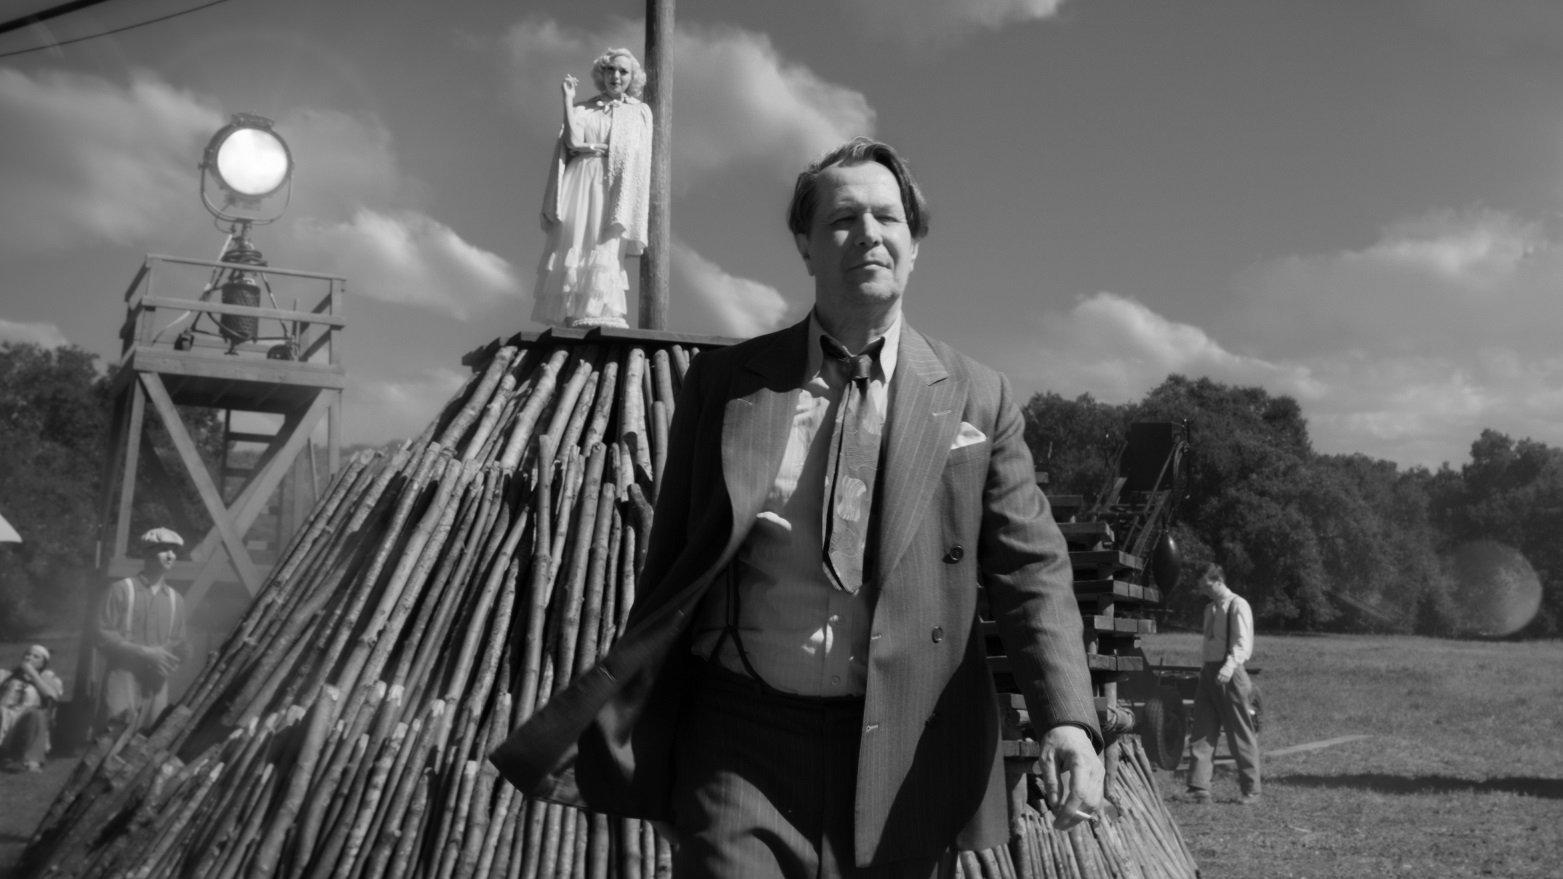 Em 'Mank', David Fincher conta a história por trás de 'Cidadão Kane' | Exame